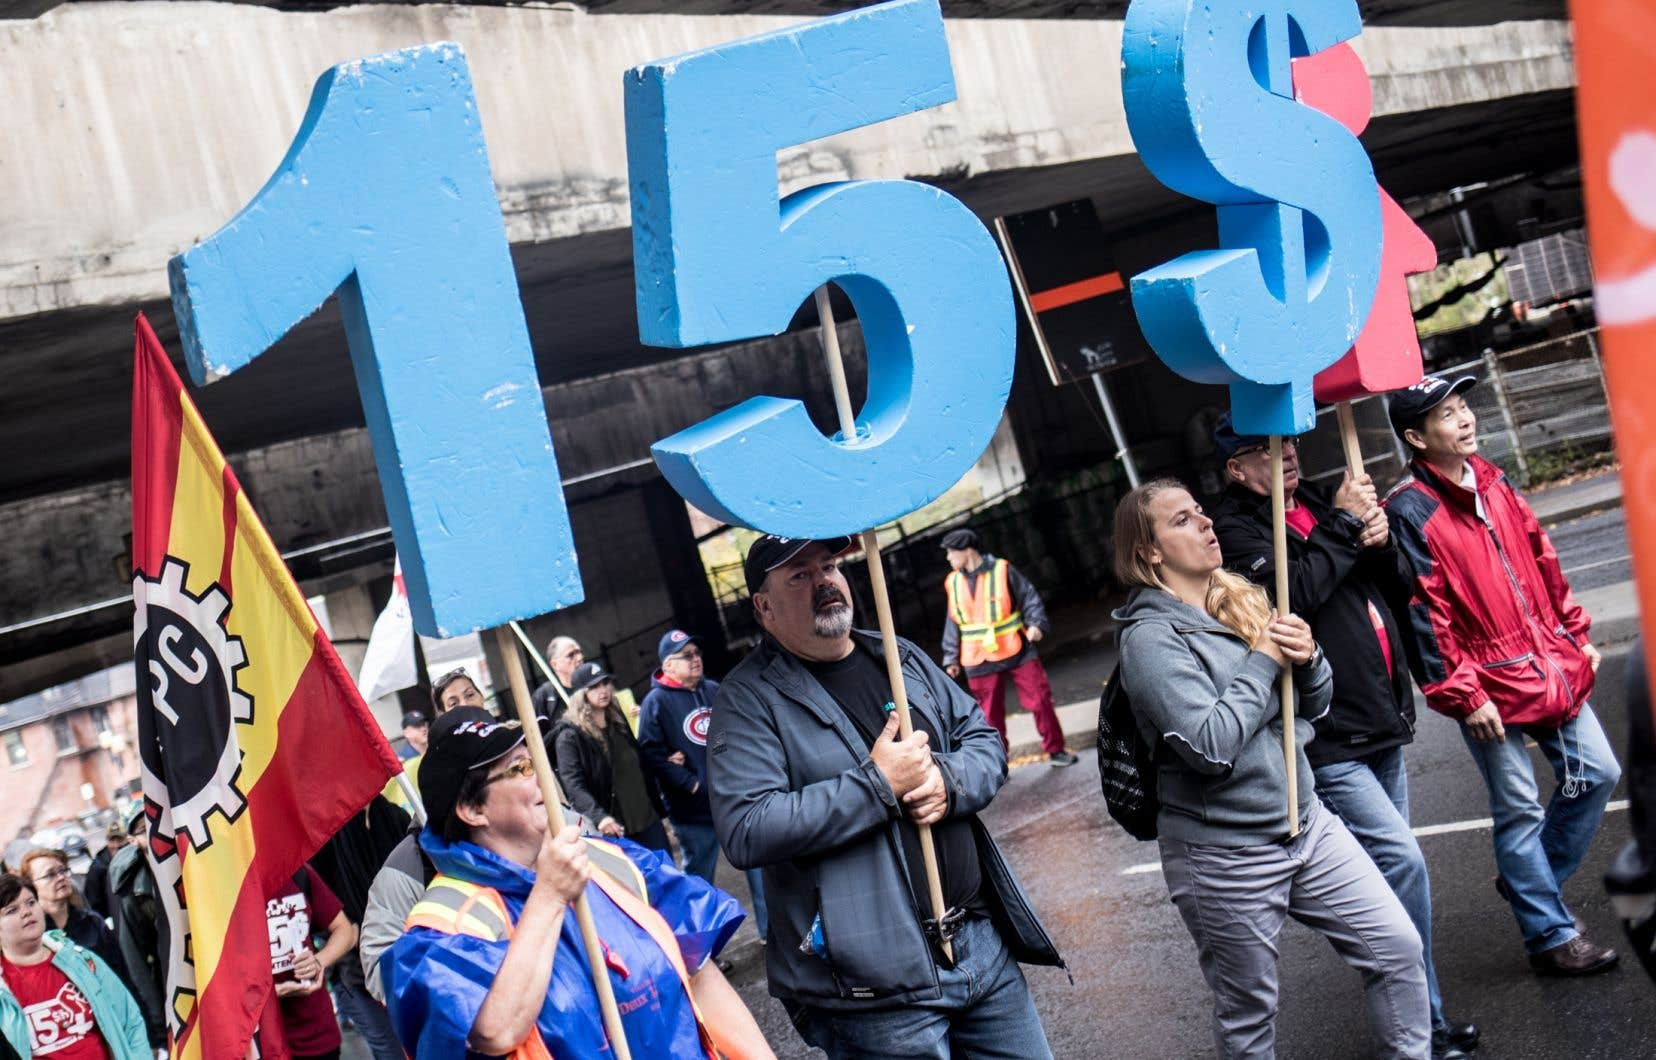 Manifestion pour la hausse du salaire minimum à 15$ l'heure le 15 octobre 2017 à Montréal